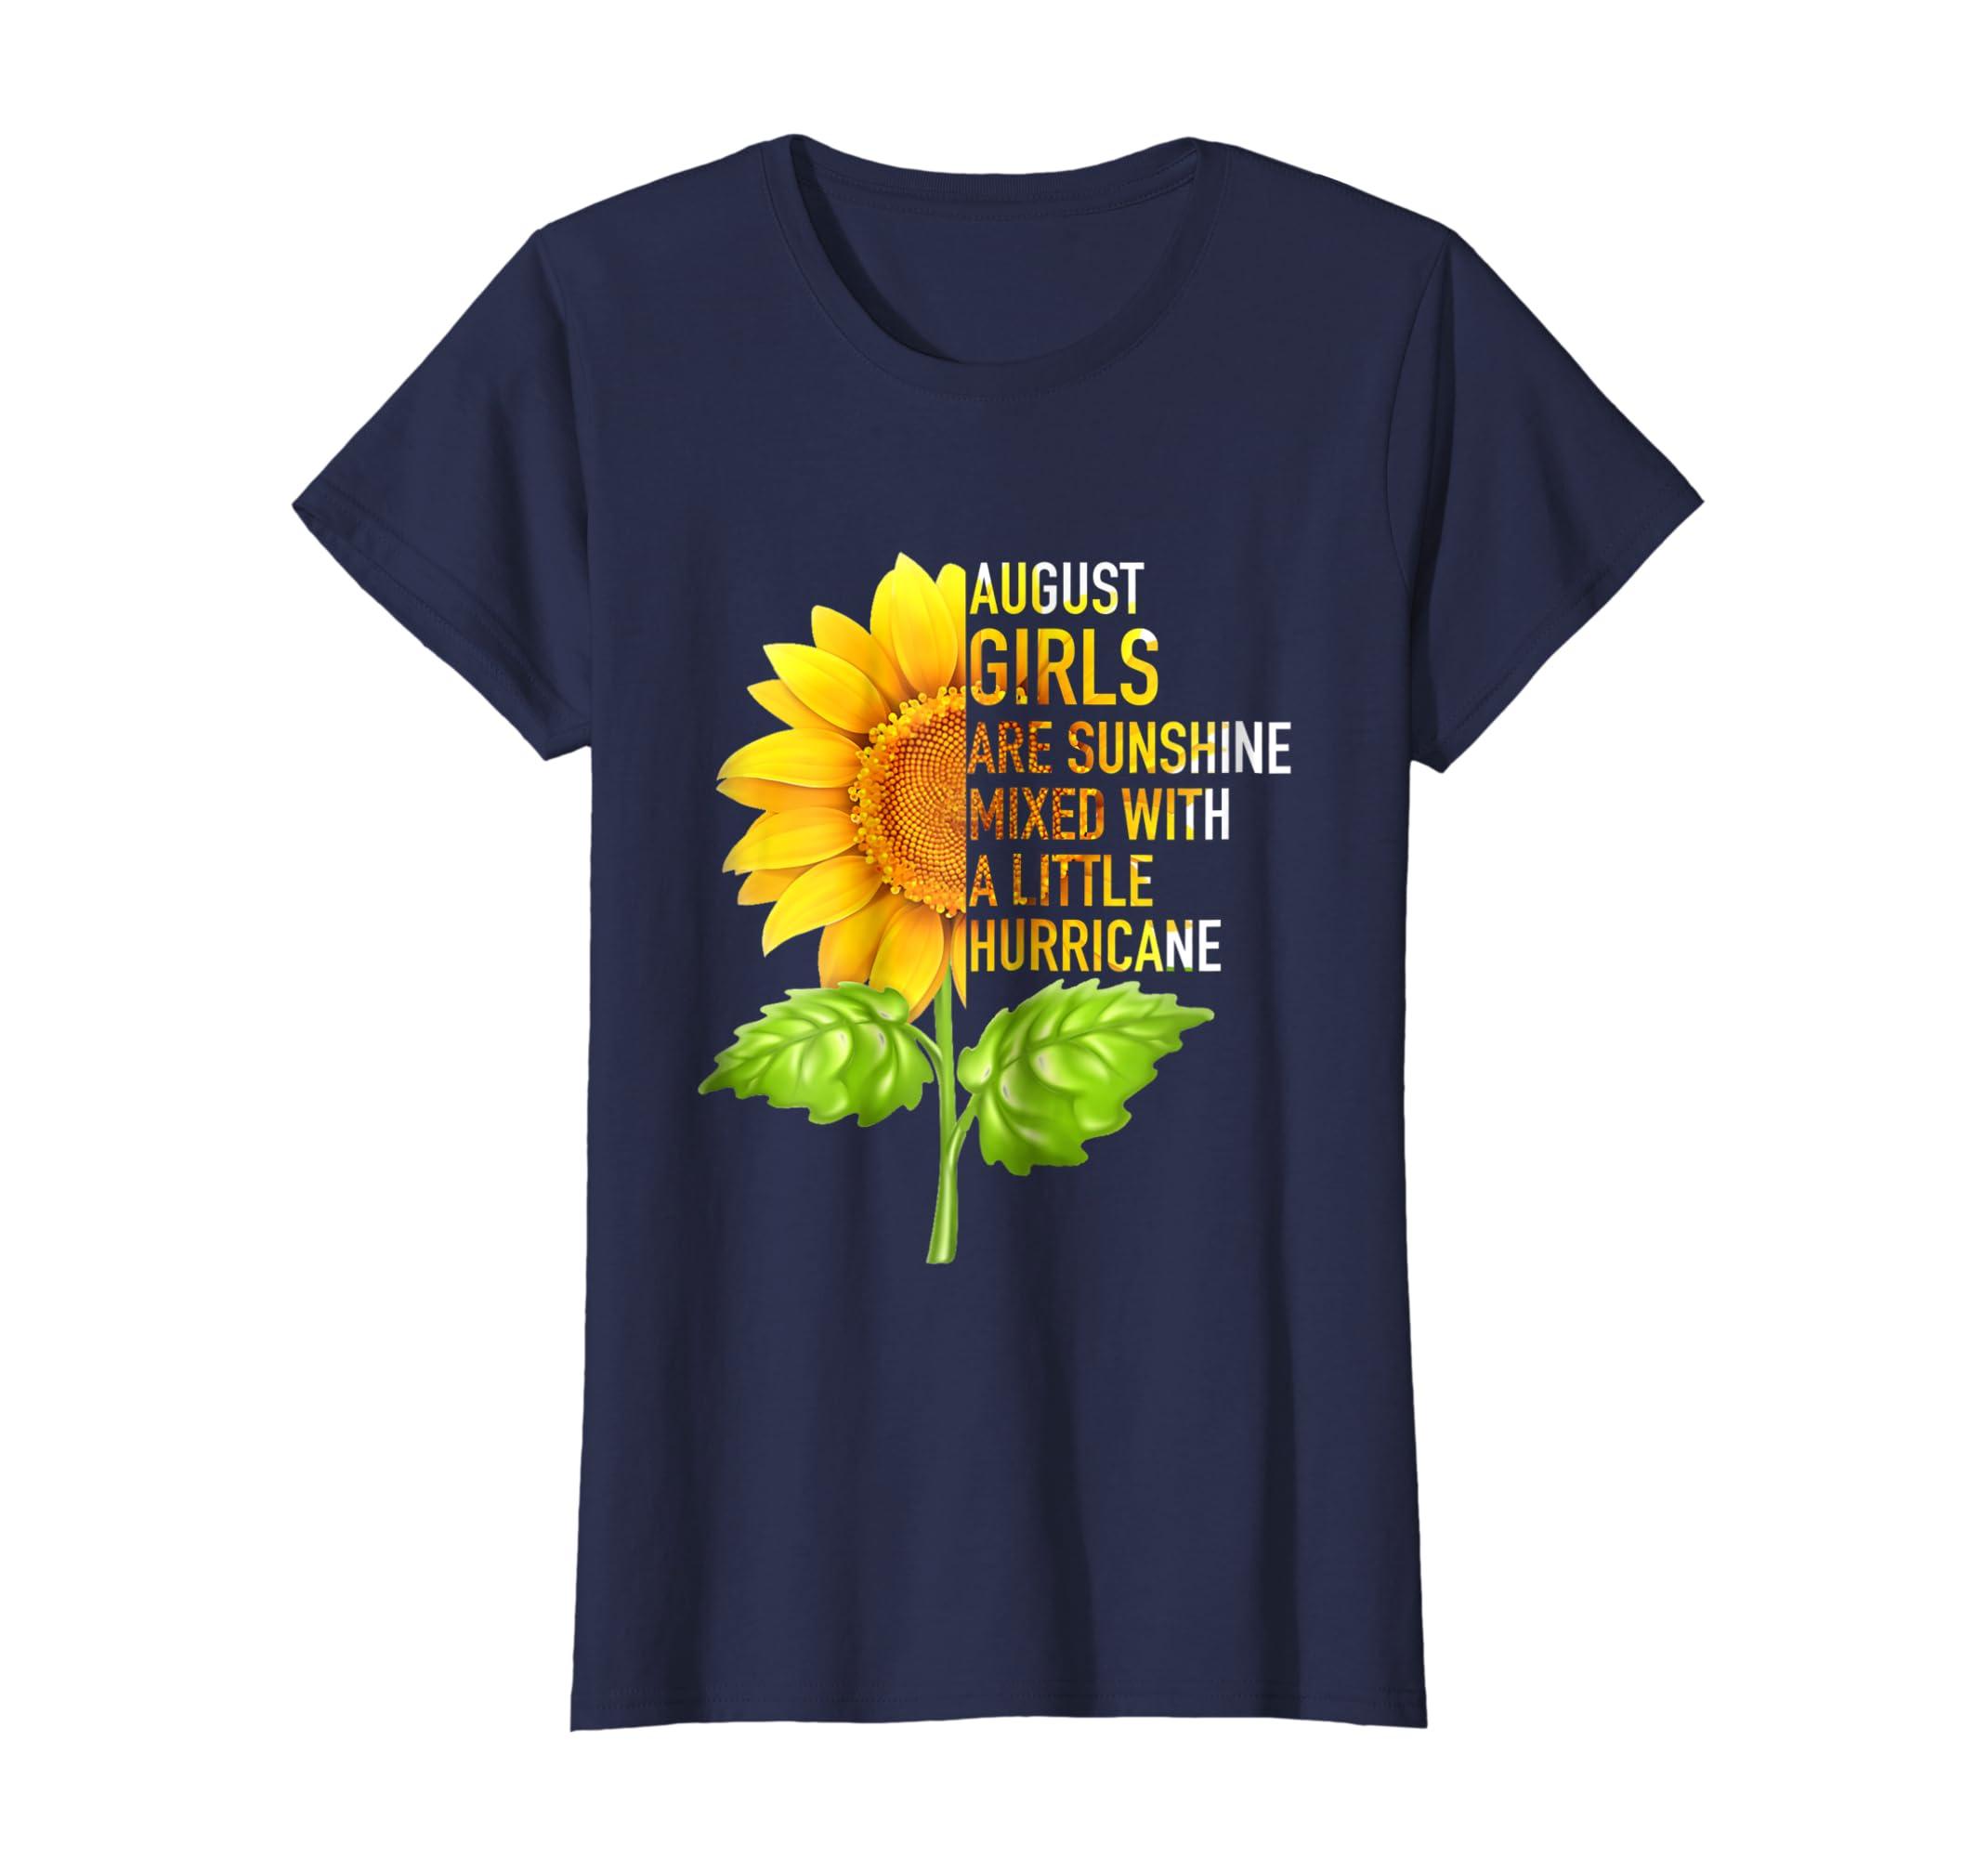 Amazon AUGUST GIRLS ARE SUNSHINE SUNFLOWER Birthday Shirt Clothing